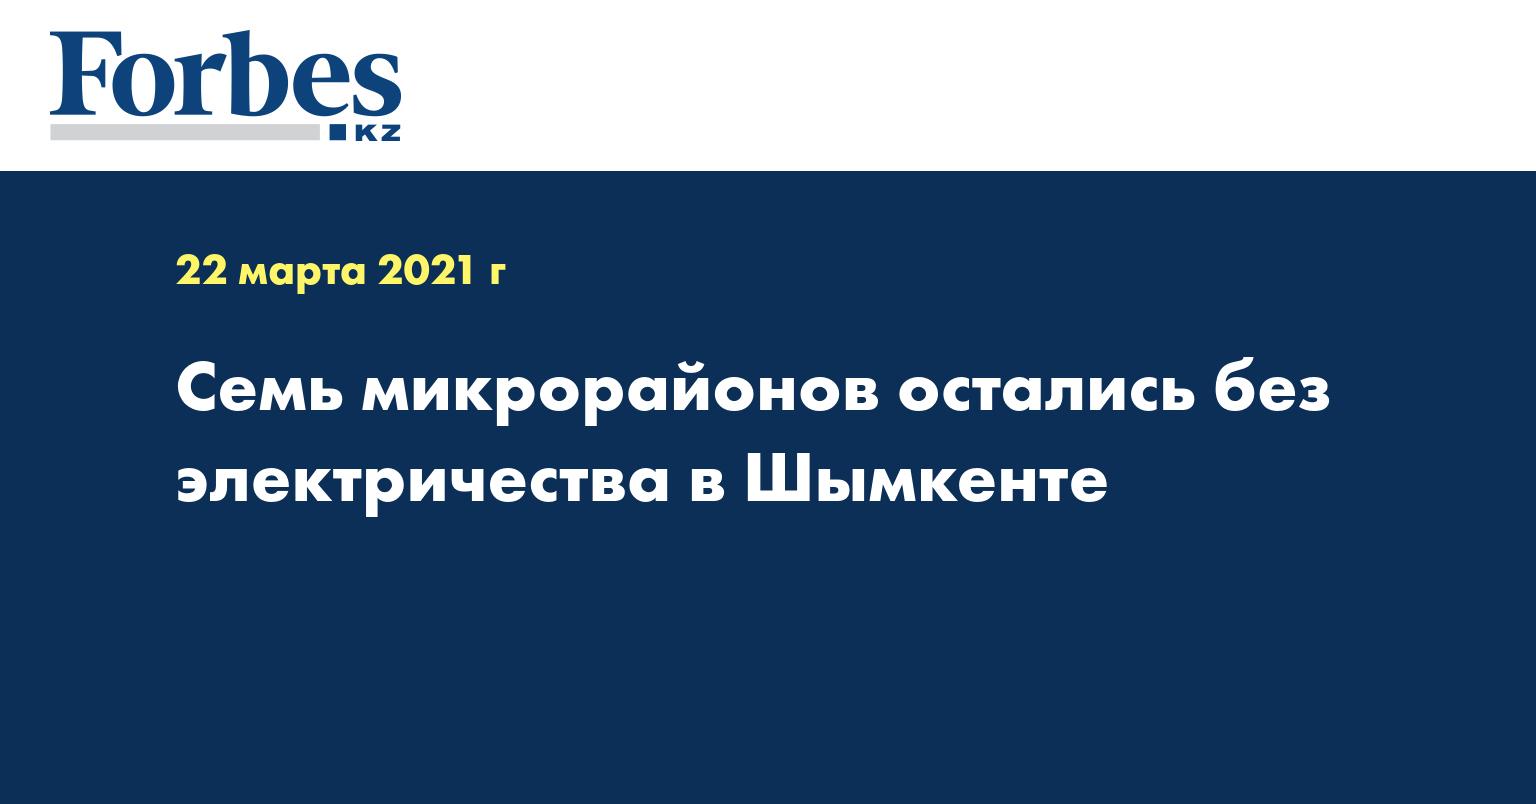 Семь микрорайонов остались без электричества в Шымкенте